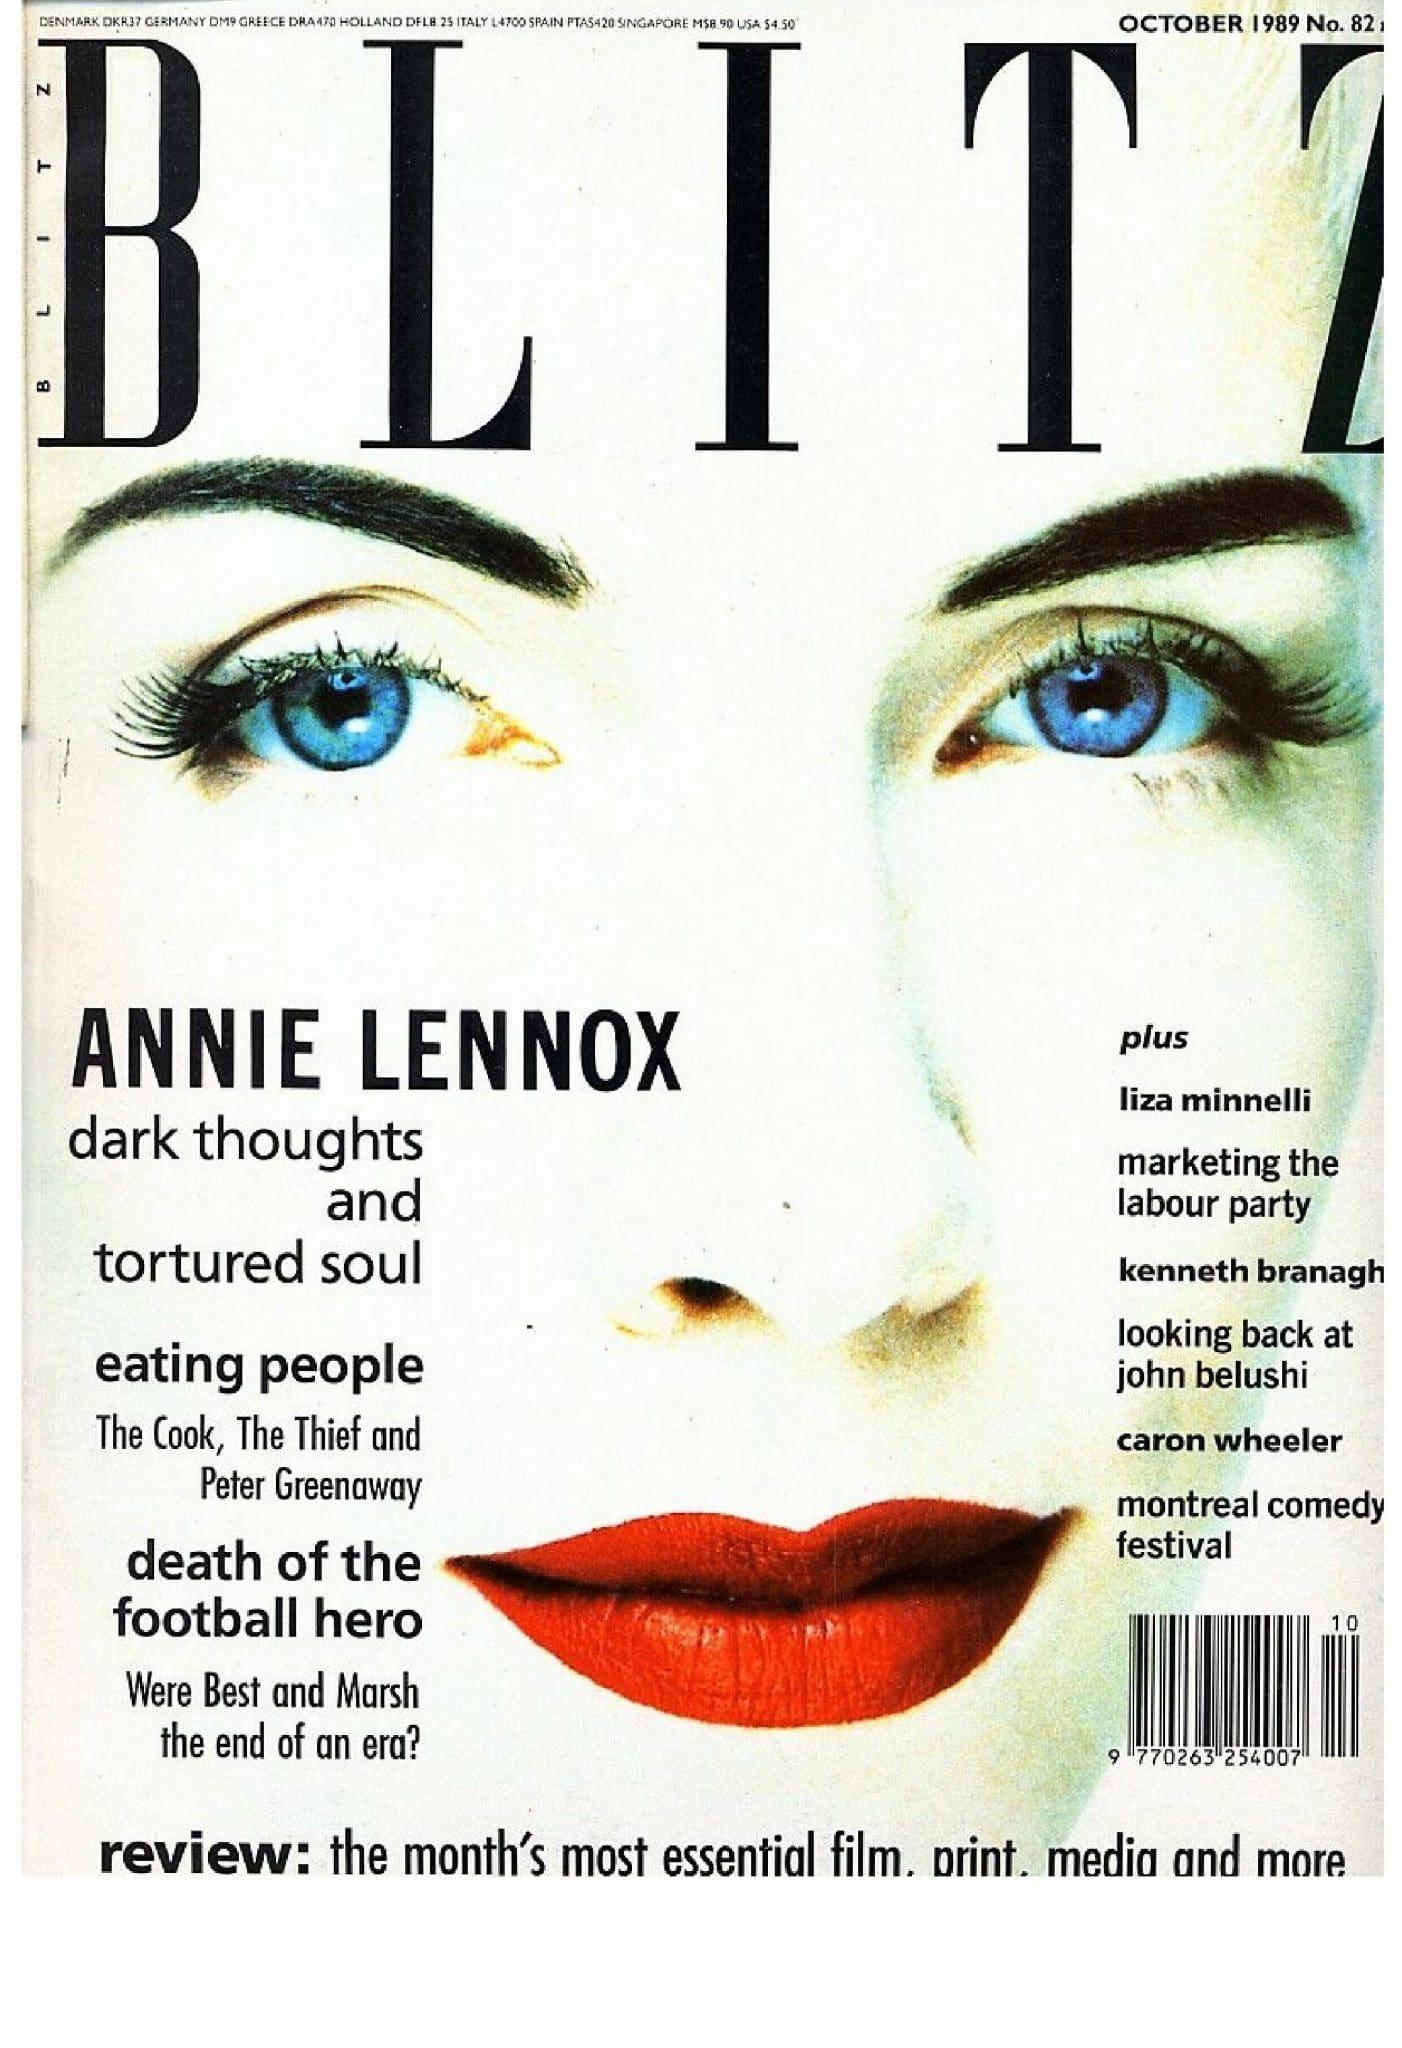 Ultimate Eurythmics Archives : Eurythmics - Blitz Magazine - 01/10/1989